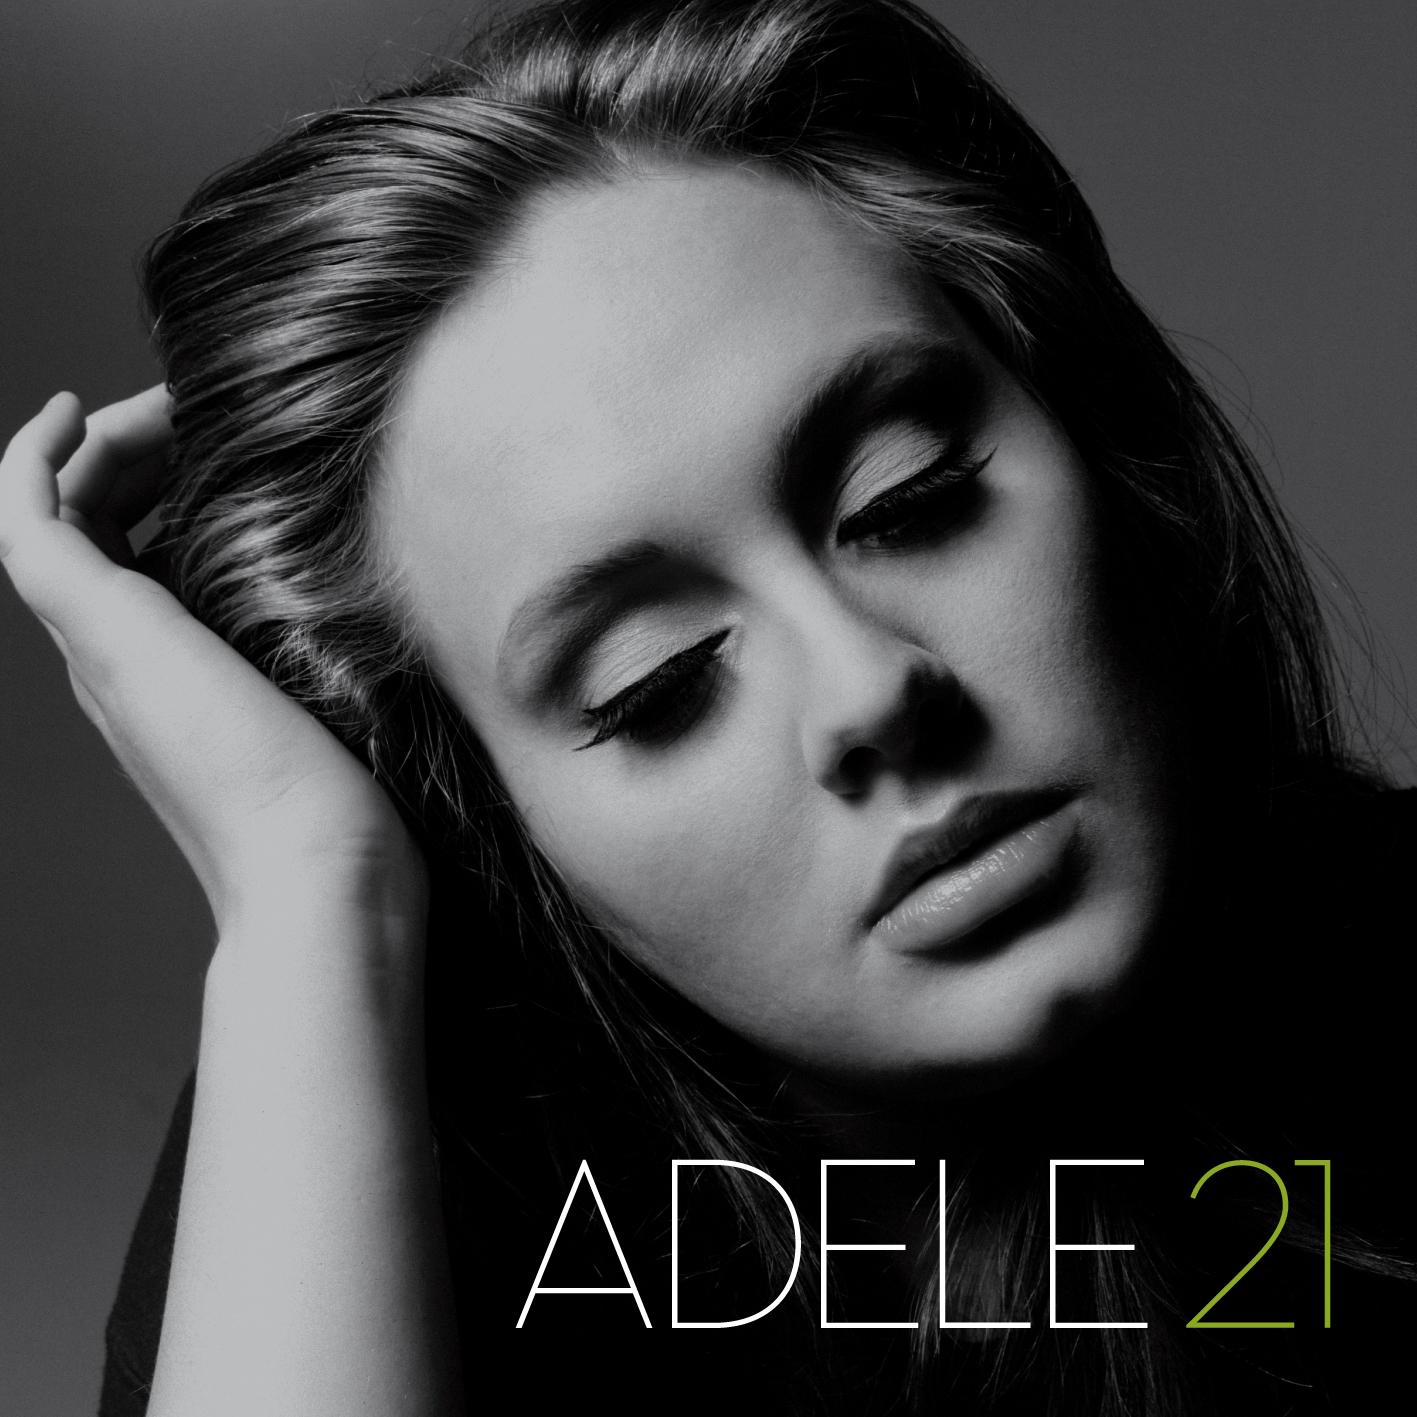 http://4.bp.blogspot.com/-Jg5AGLg_INw/T3HaYnAAqhI/AAAAAAAABNo/5Gre7G_6tzY/s1600/Adele+-+21+(2011).jpg